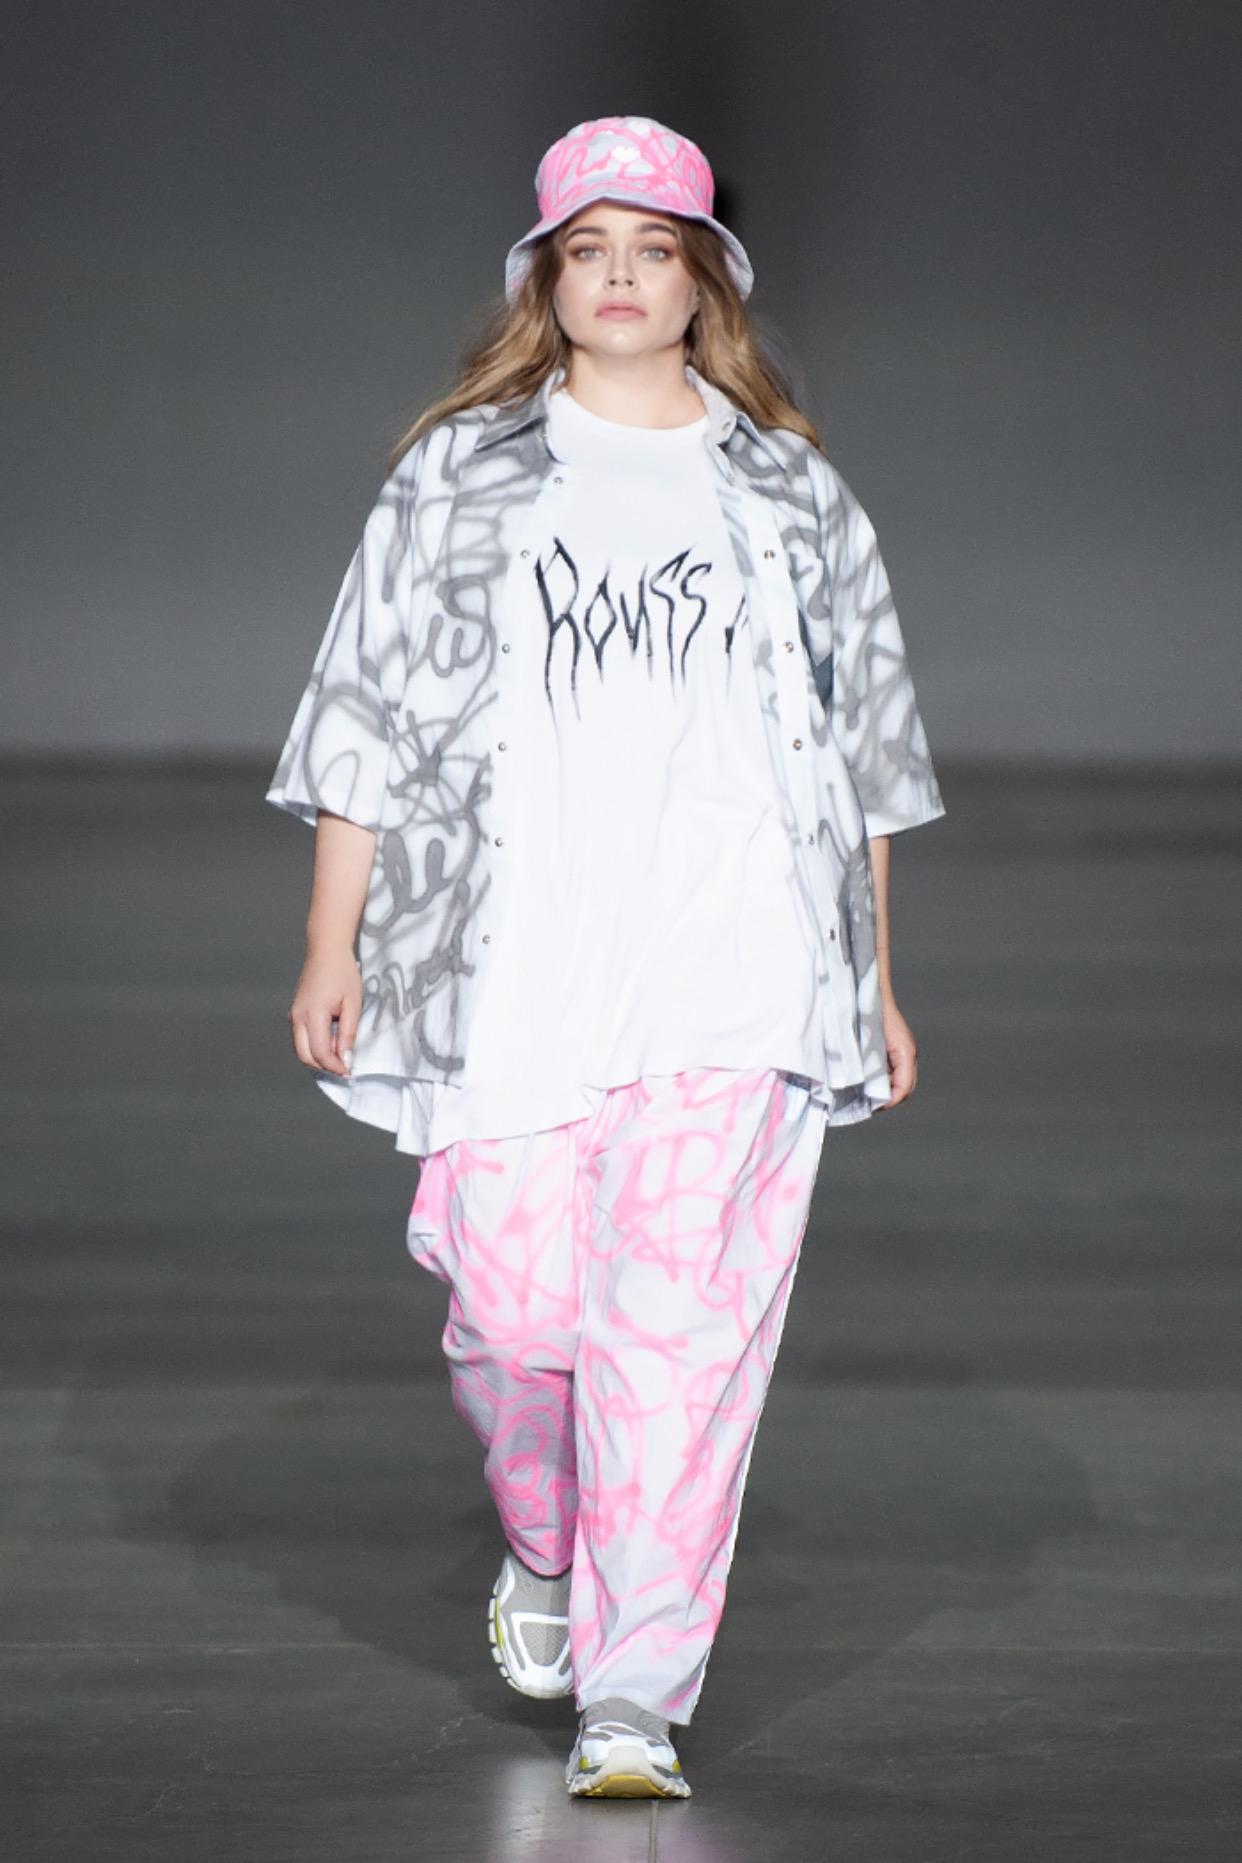 Показ вне модельных стандартов: ROUSSIN представили новую коллекцию на Ukrainian Fashion Week (ФОТО) - фото №4